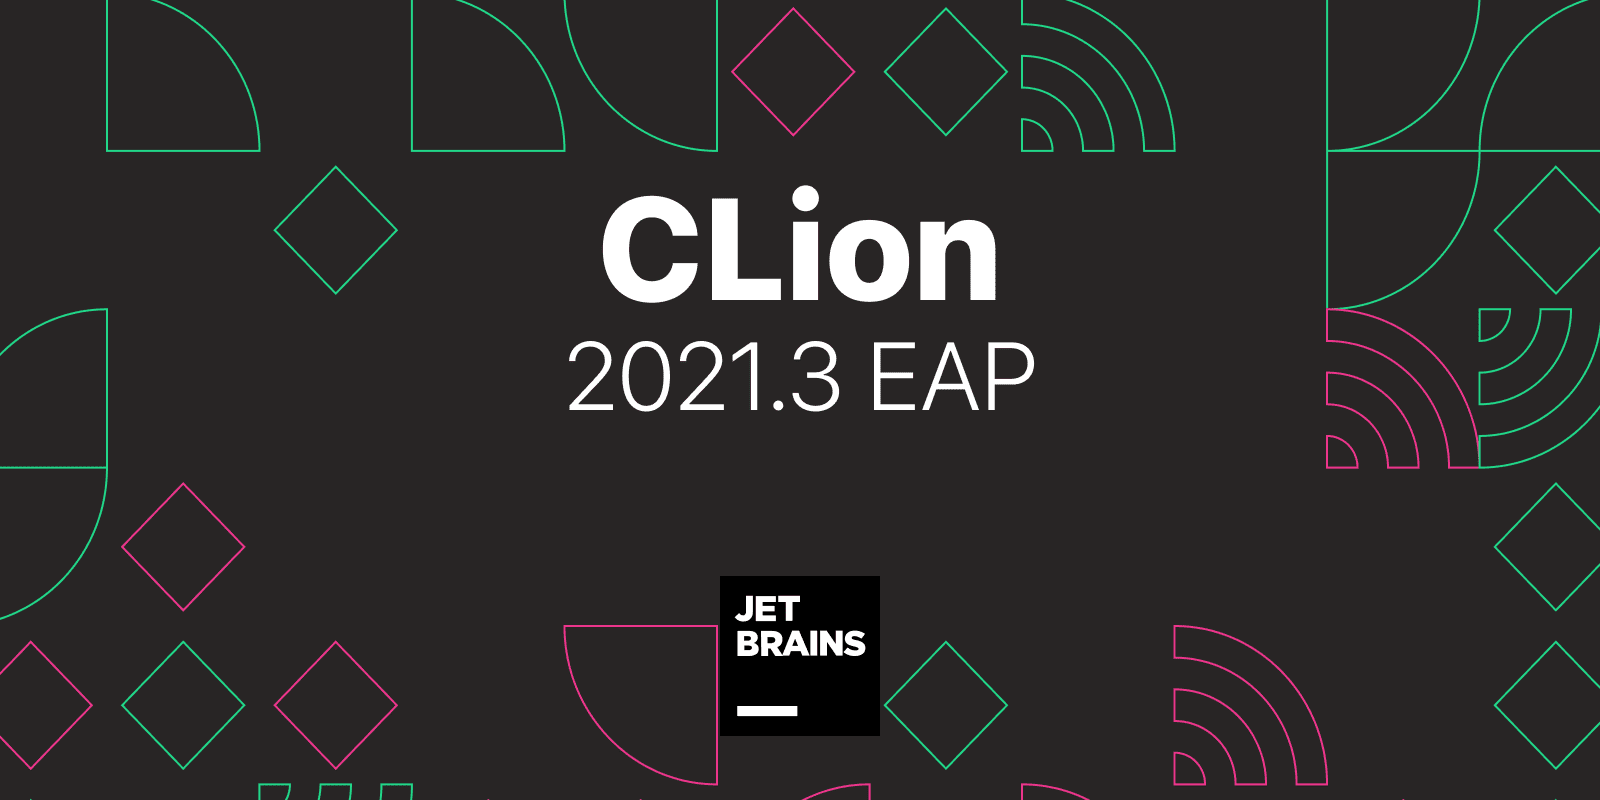 CLion 2021.3 EAP